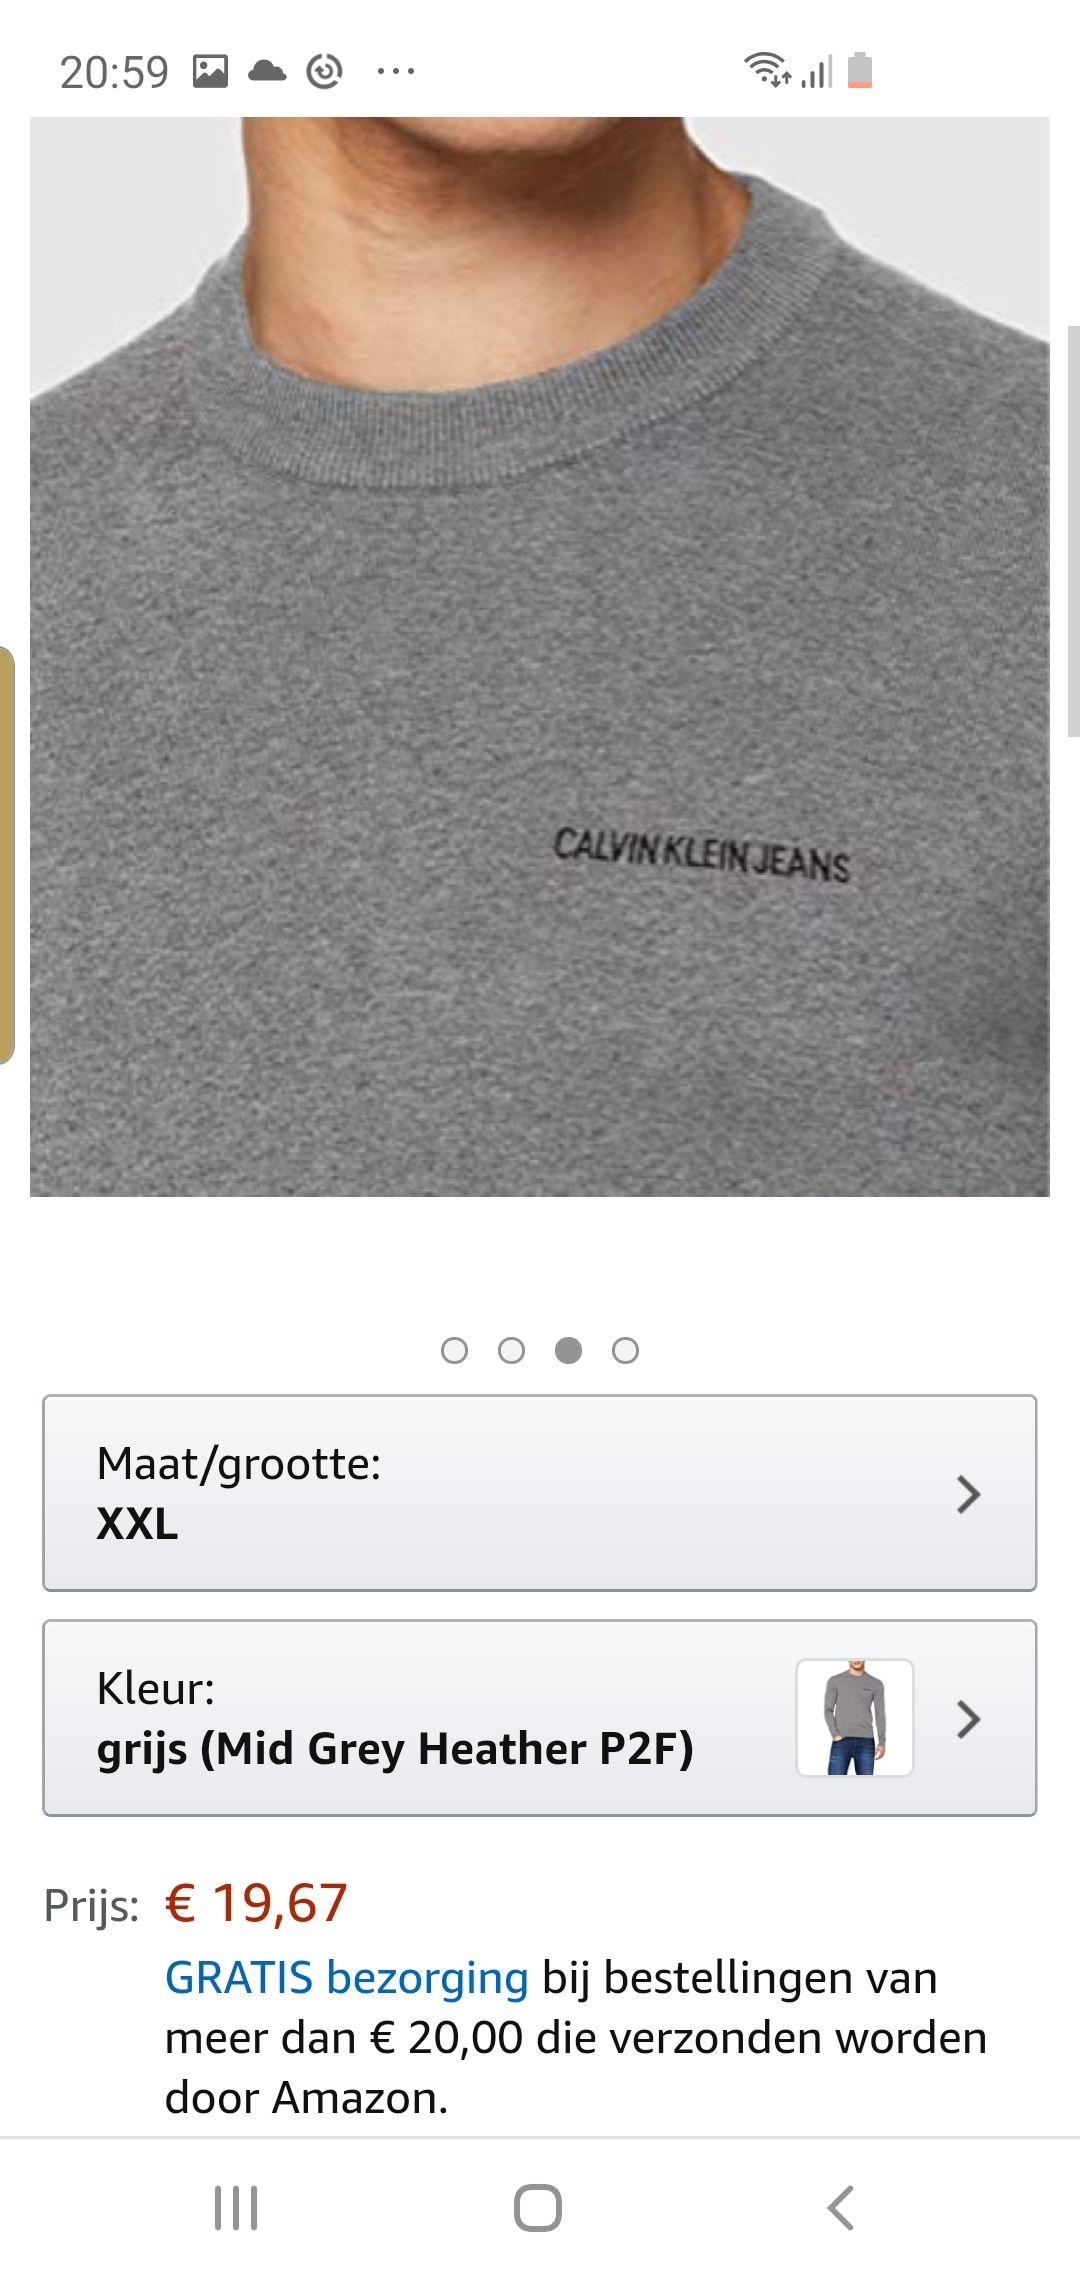 Calvin klein jeans trui amazon.nl